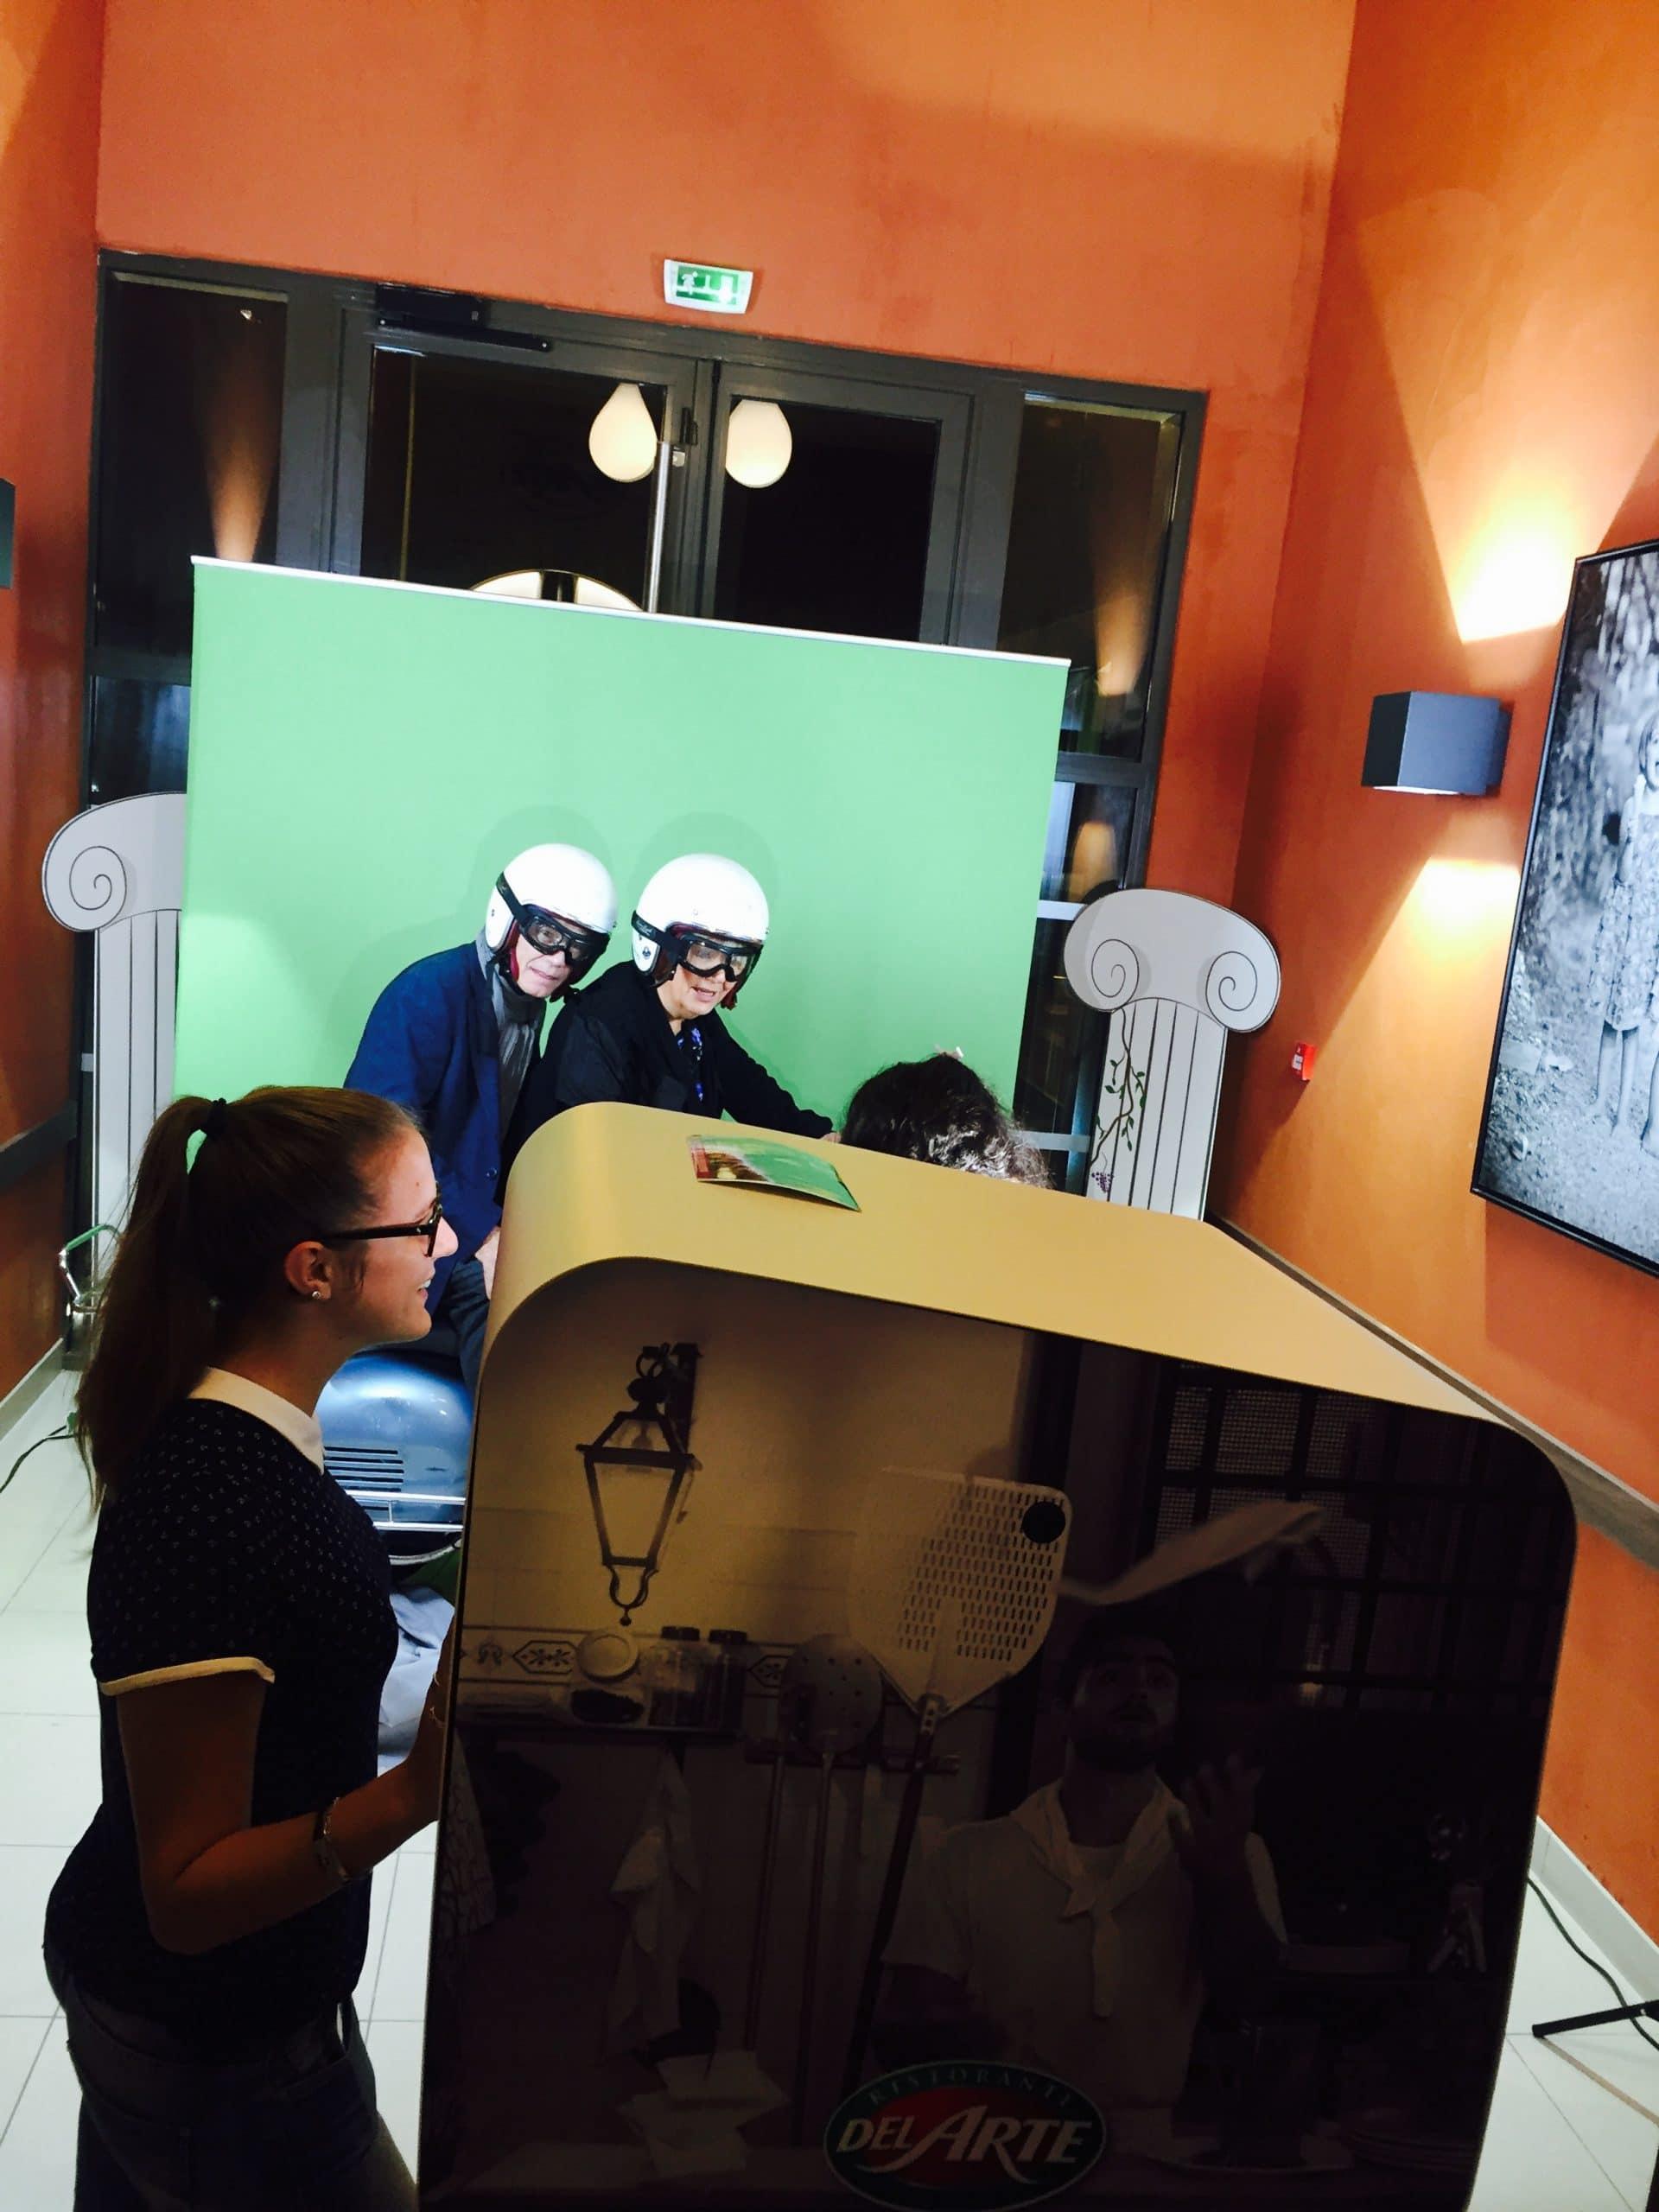 Photobooth connecté et animation fond vert au Del Arte Dardilly Lyon pour l'inauguration du restaurant en 2016